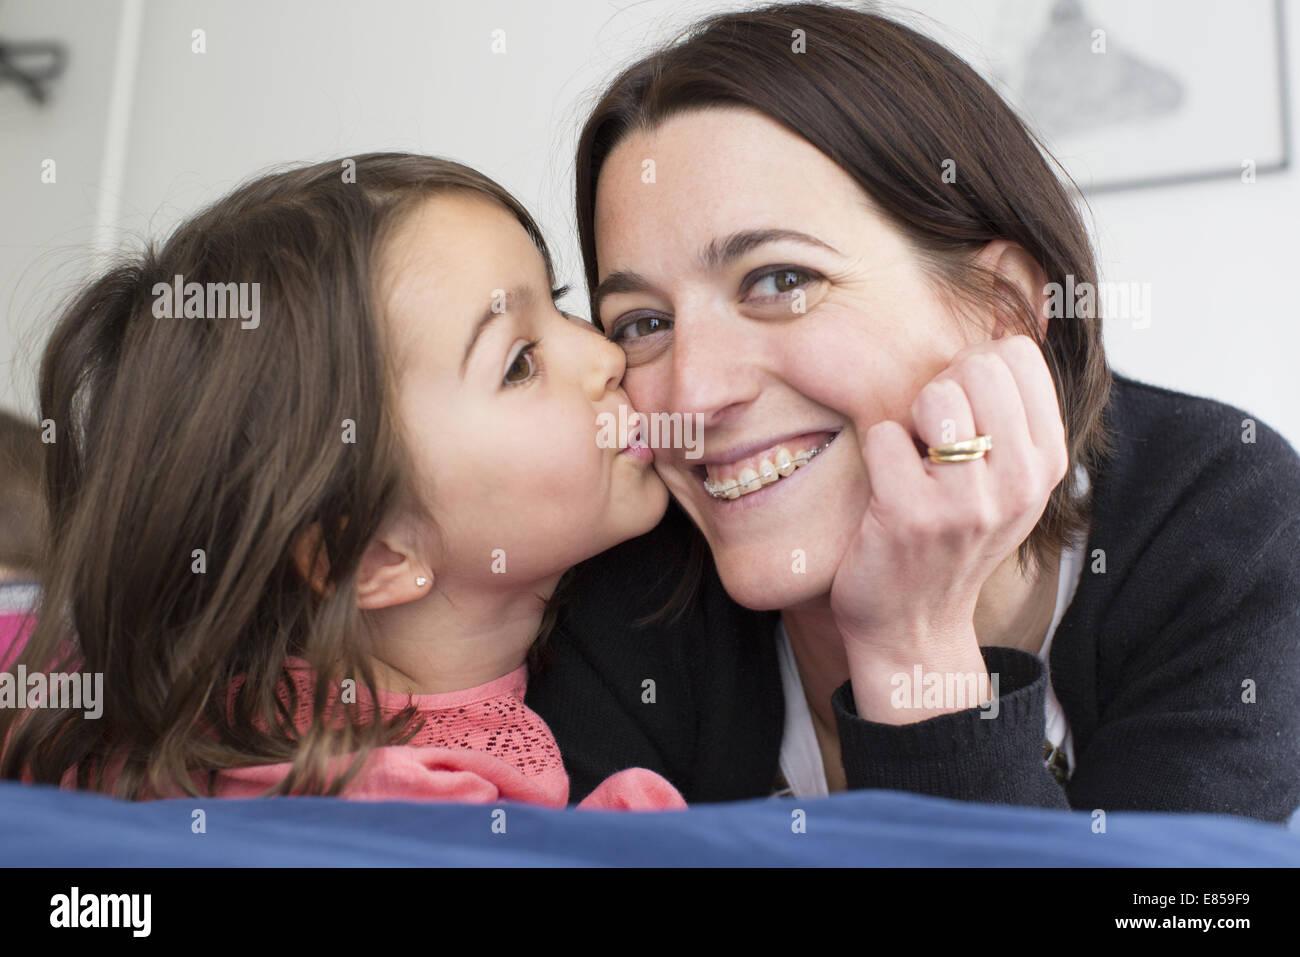 Little girl kissing mother's cheek - Stock Image